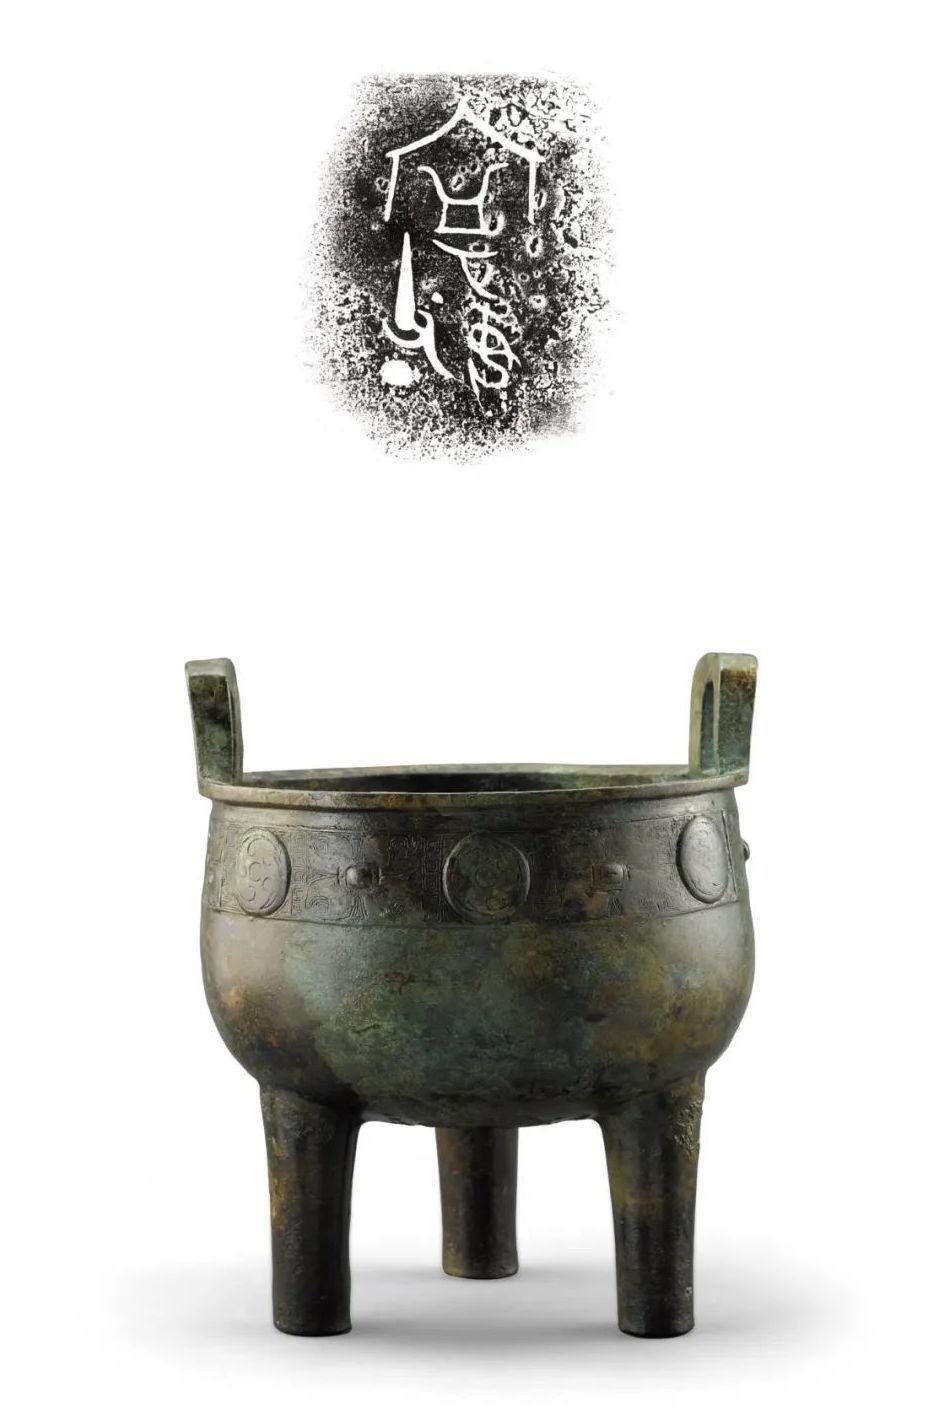 宁女父丁鼎 ,商代晚期(公元前13世纪—前11世纪初), 高29.9厘米 口径14.5厘米 重4.88 千克,李荫轩先生 邱辉女士捐赠